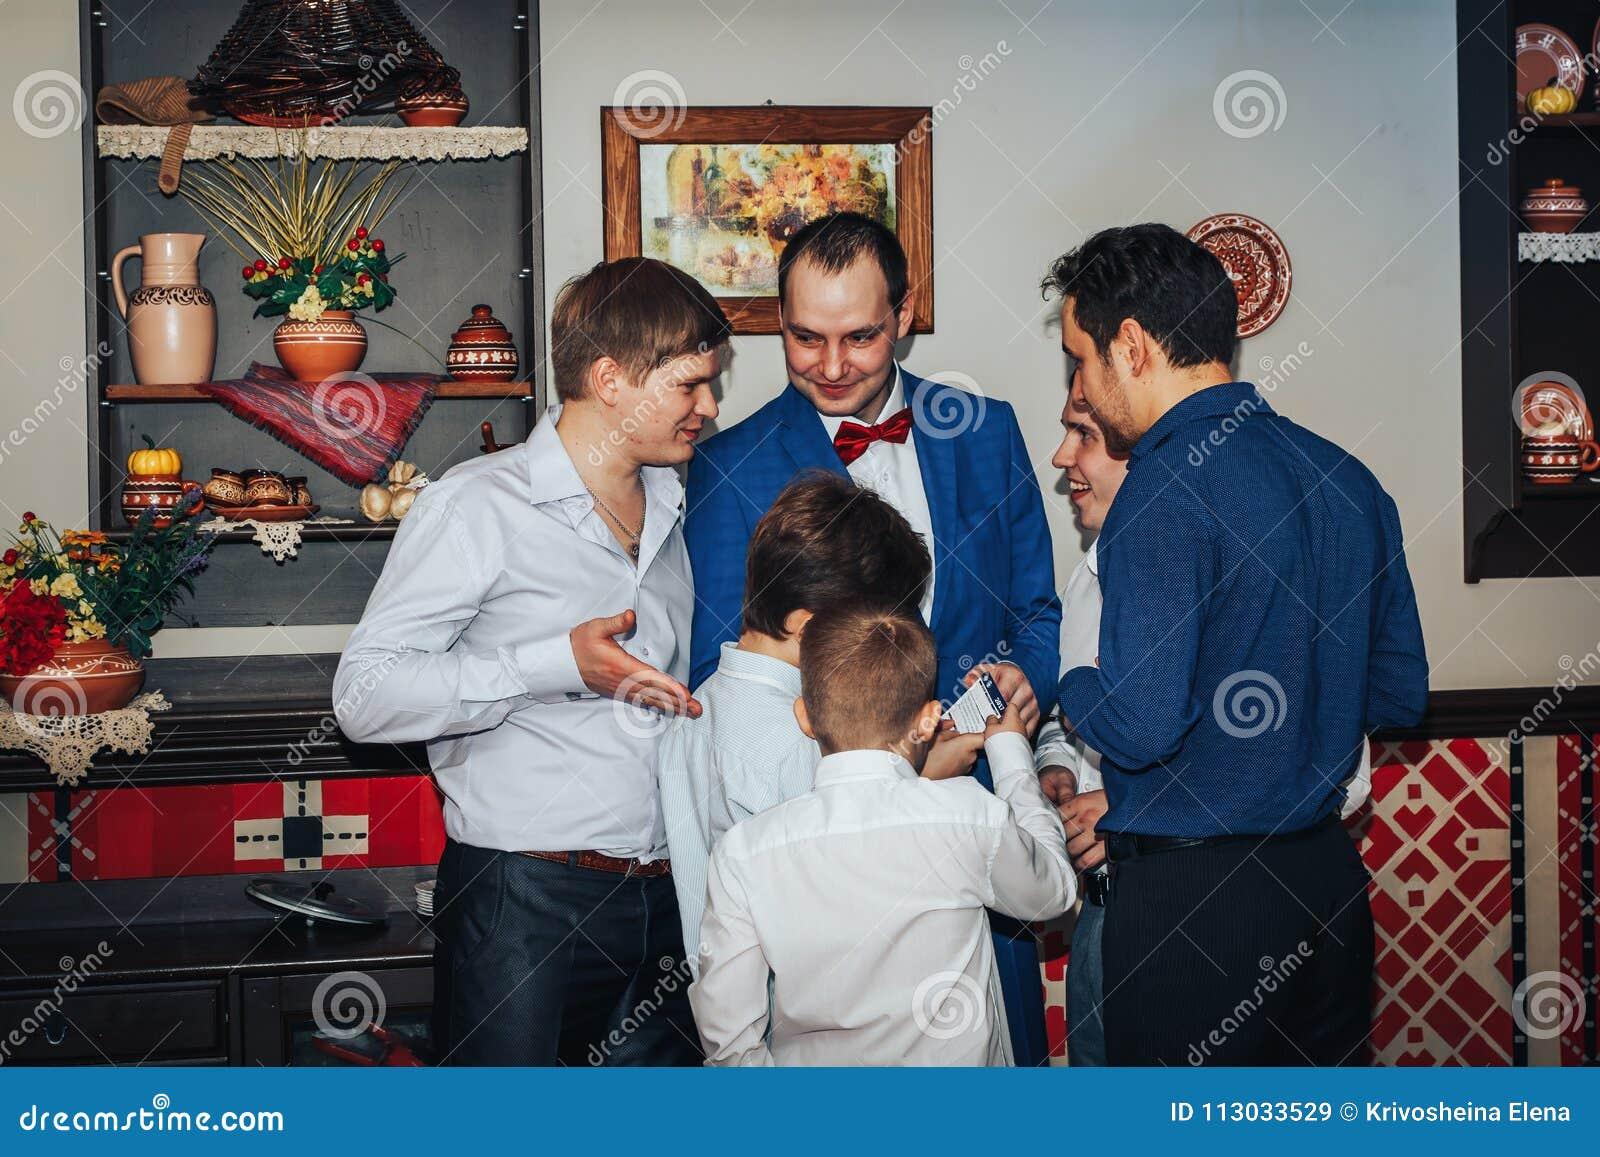 Gäste nehmen an den Spielen teil, die während des Hochzeit Banketts organisiert werden